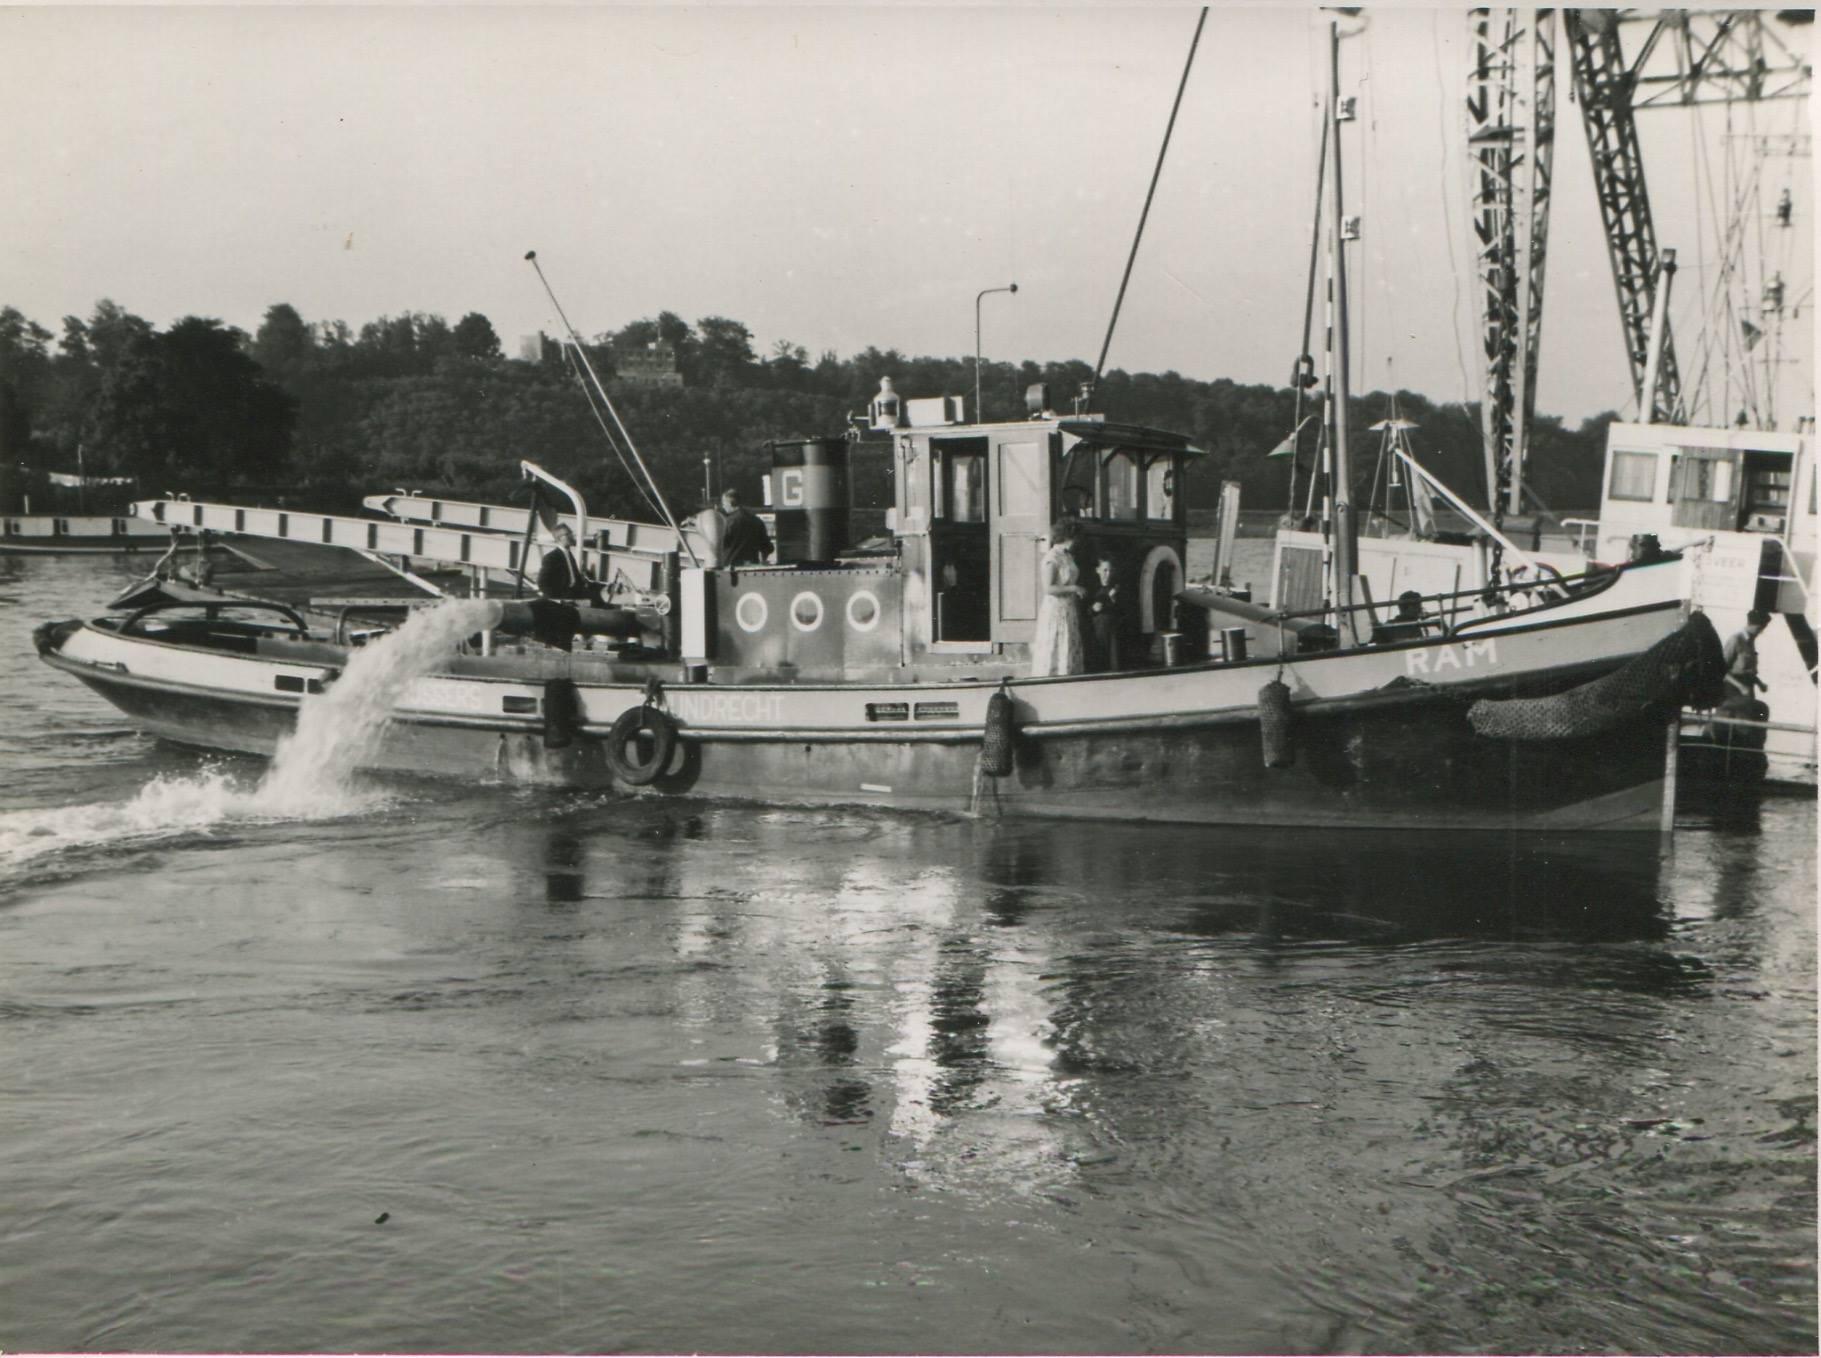 1957-foto-gemaakt-door-Jac-Rauws-ingezonden-door-Willem-Ruisch-Veerpont-Lexkesveer-Eageningen-Randwijk-3